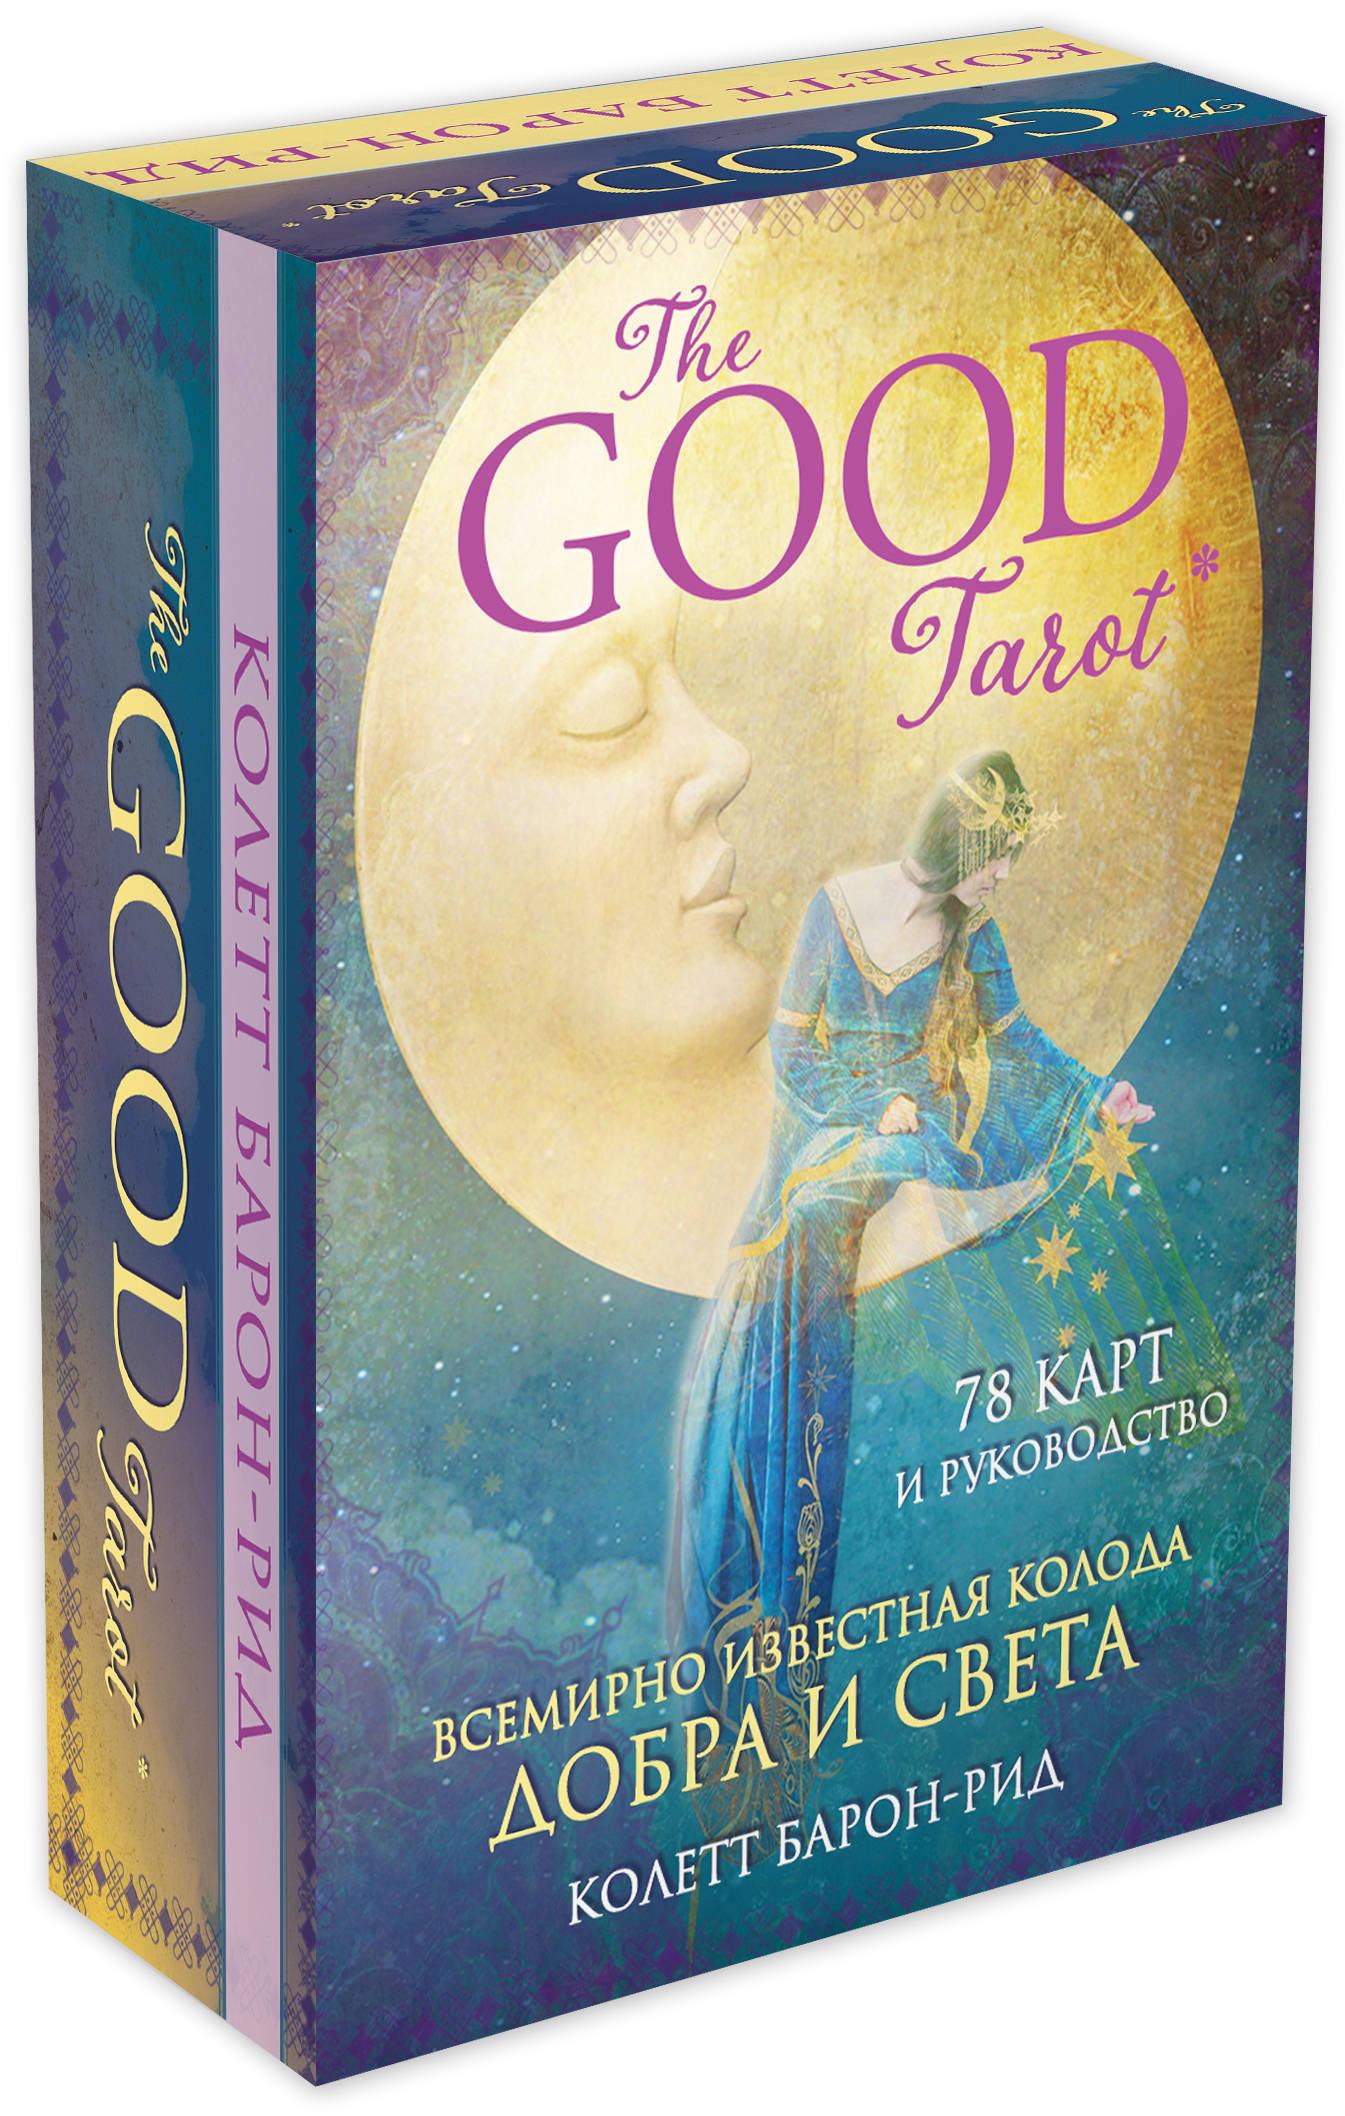 Колетт Барон-Рид The Good Tarot. Всемирно известная колода добра и света (78 карт и инструкция в футляре) цены